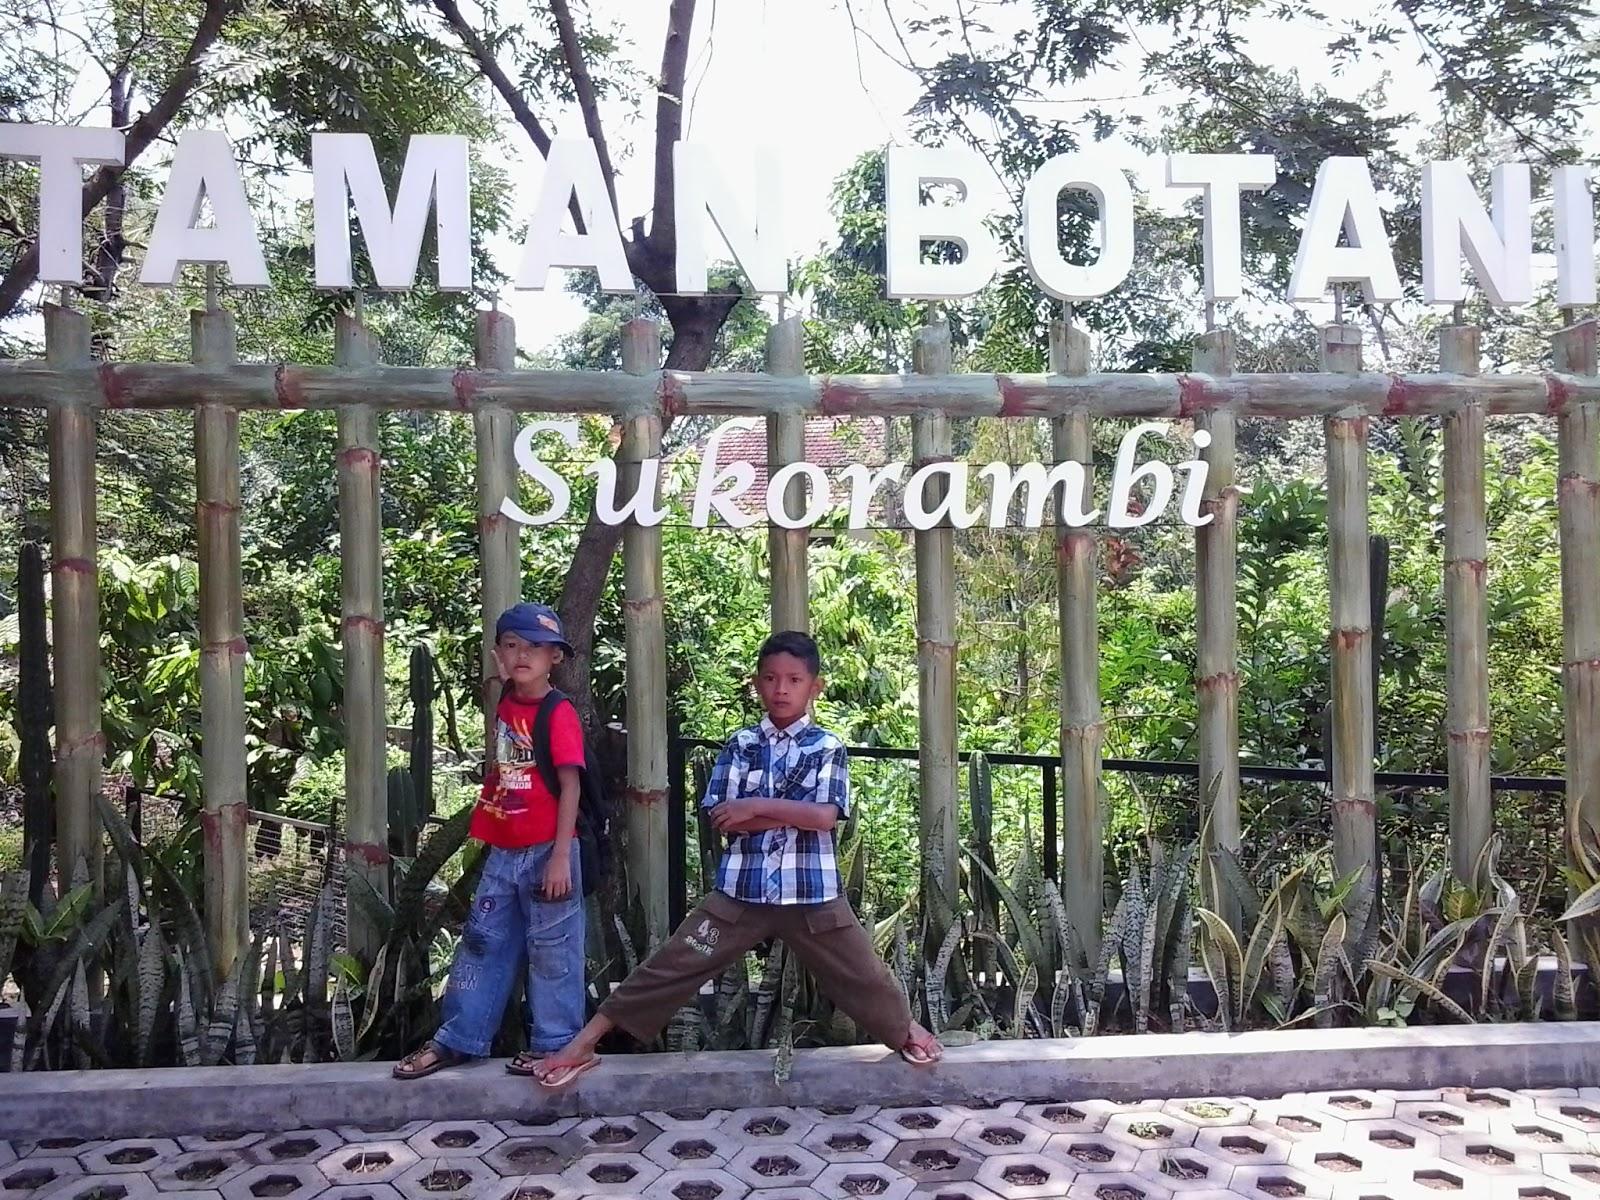 Menghabiskan Weekend Bersama Keluarga Berwisata Taman Botani Sukorambi Kab Jember